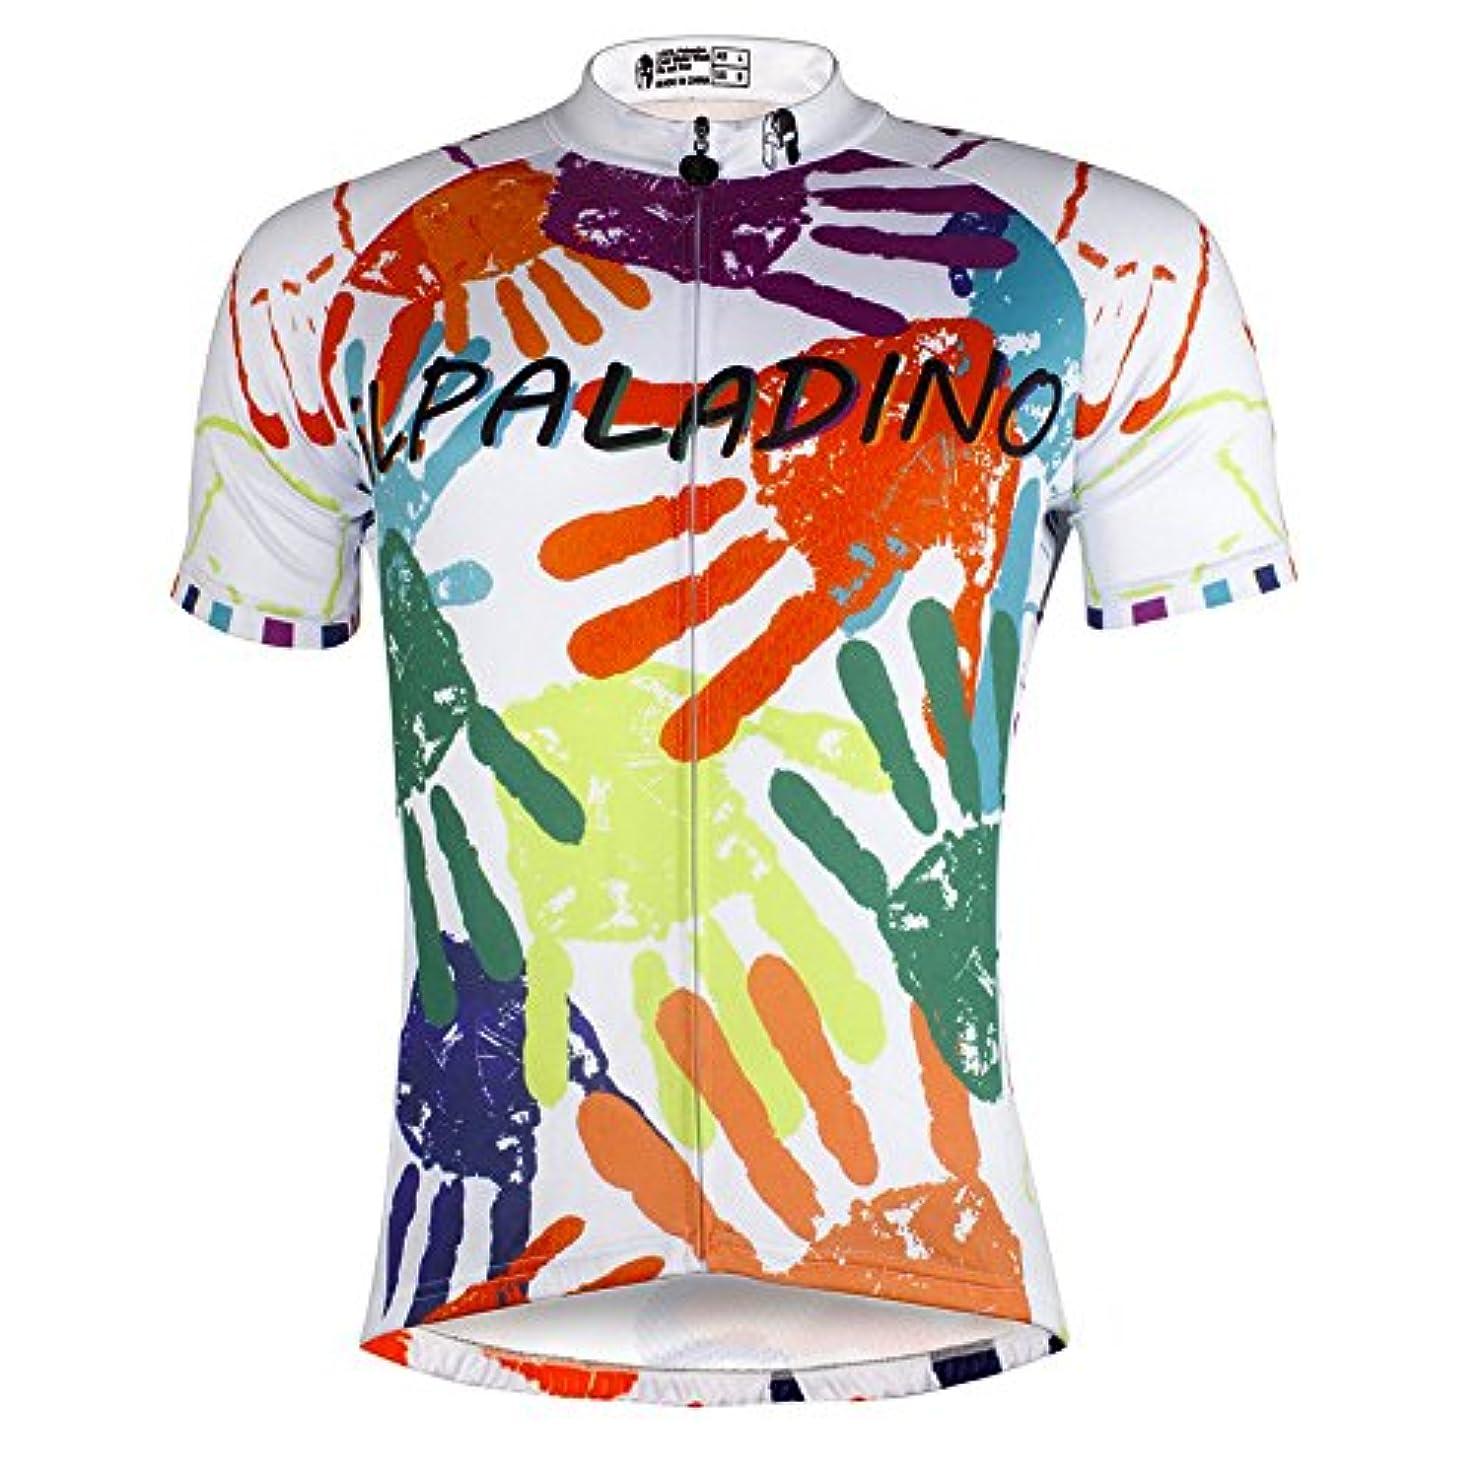 驚すばらしいですエスニック[ILPALADINO] #760 高品質サイクルメンズ用 短袖 3Dパッド付き半ズボン パンツ 上下セット cycling clothes サイクリングジャージ コンプレッションウェア 自転車服 レーサー